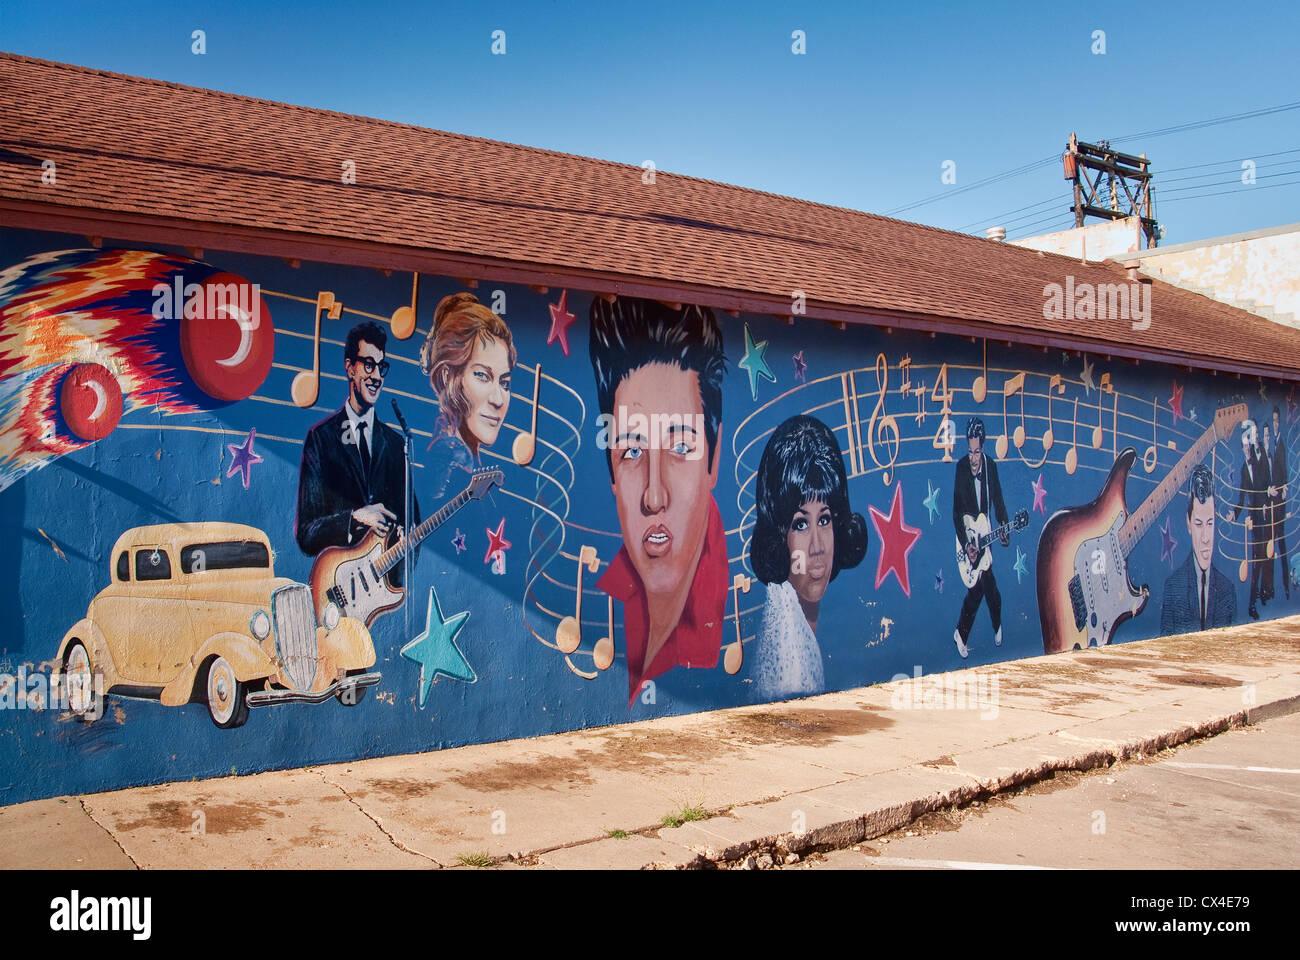 Elvis Presley e Buddy Holly, Aretha Franklin, Chuck Berry e altri anni cinquanta il rock'n'roll stelle nel murale di Clovis, Nuovo Messico, STATI UNITI D'AMERICA Foto Stock